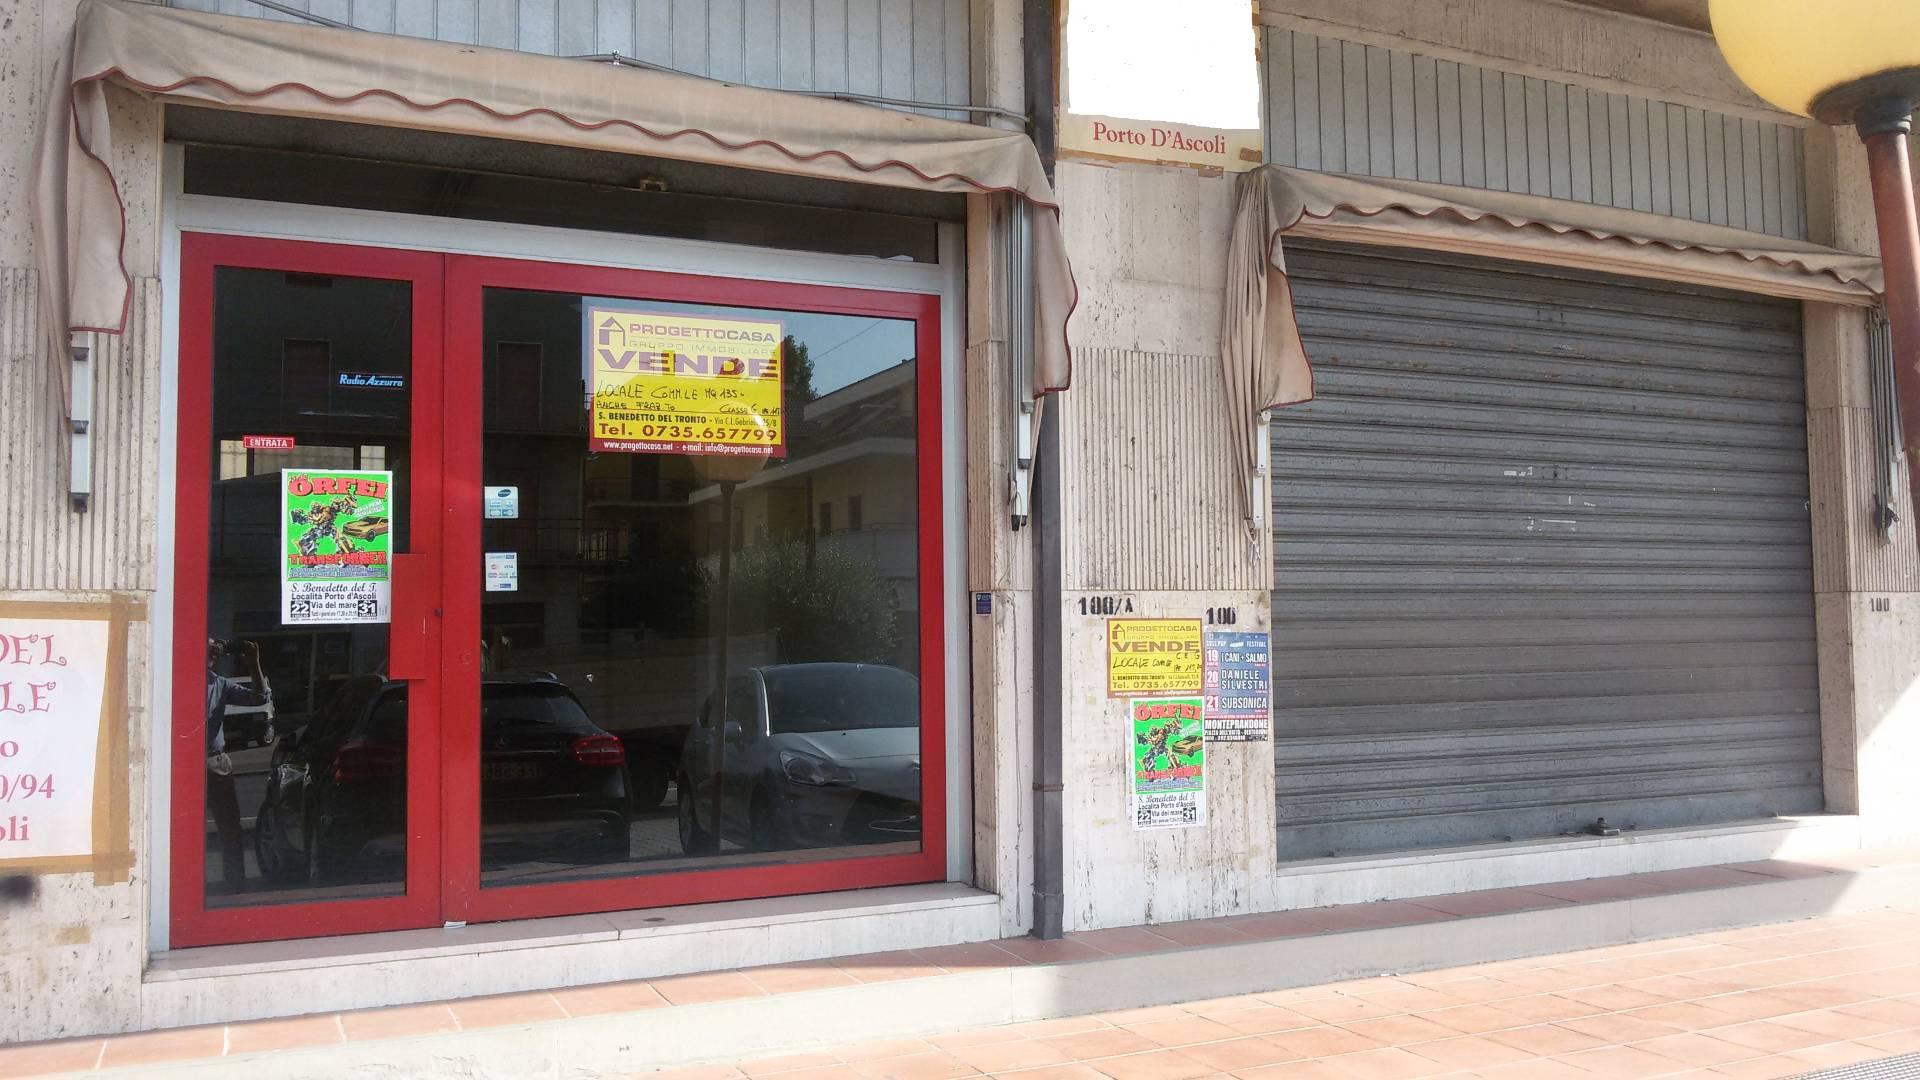 Negozio / Locale in vendita a Monteprandone, 9999 locali, zona Località: Salaria, prezzo € 190.000 | CambioCasa.it